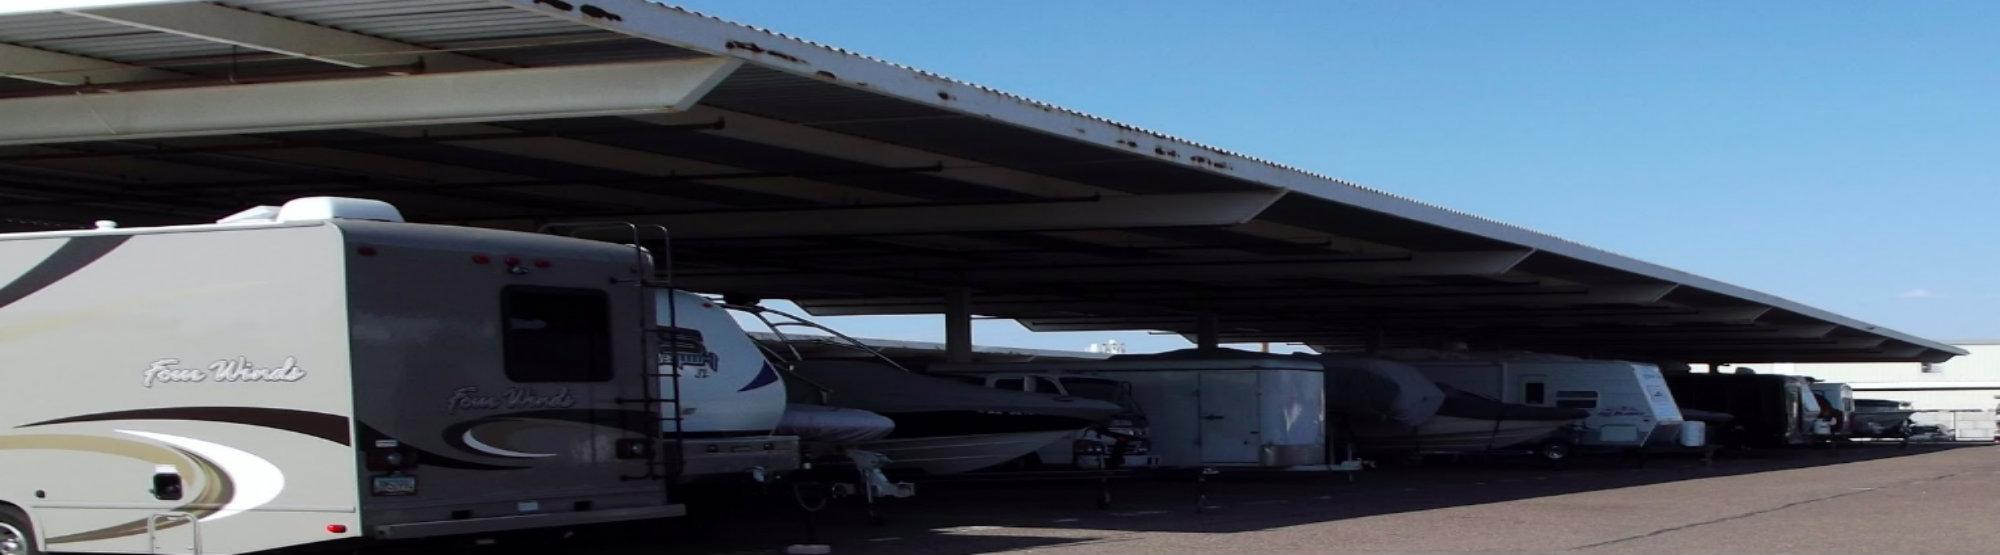 RV & Vehicle Storage in Gilbert, AZ